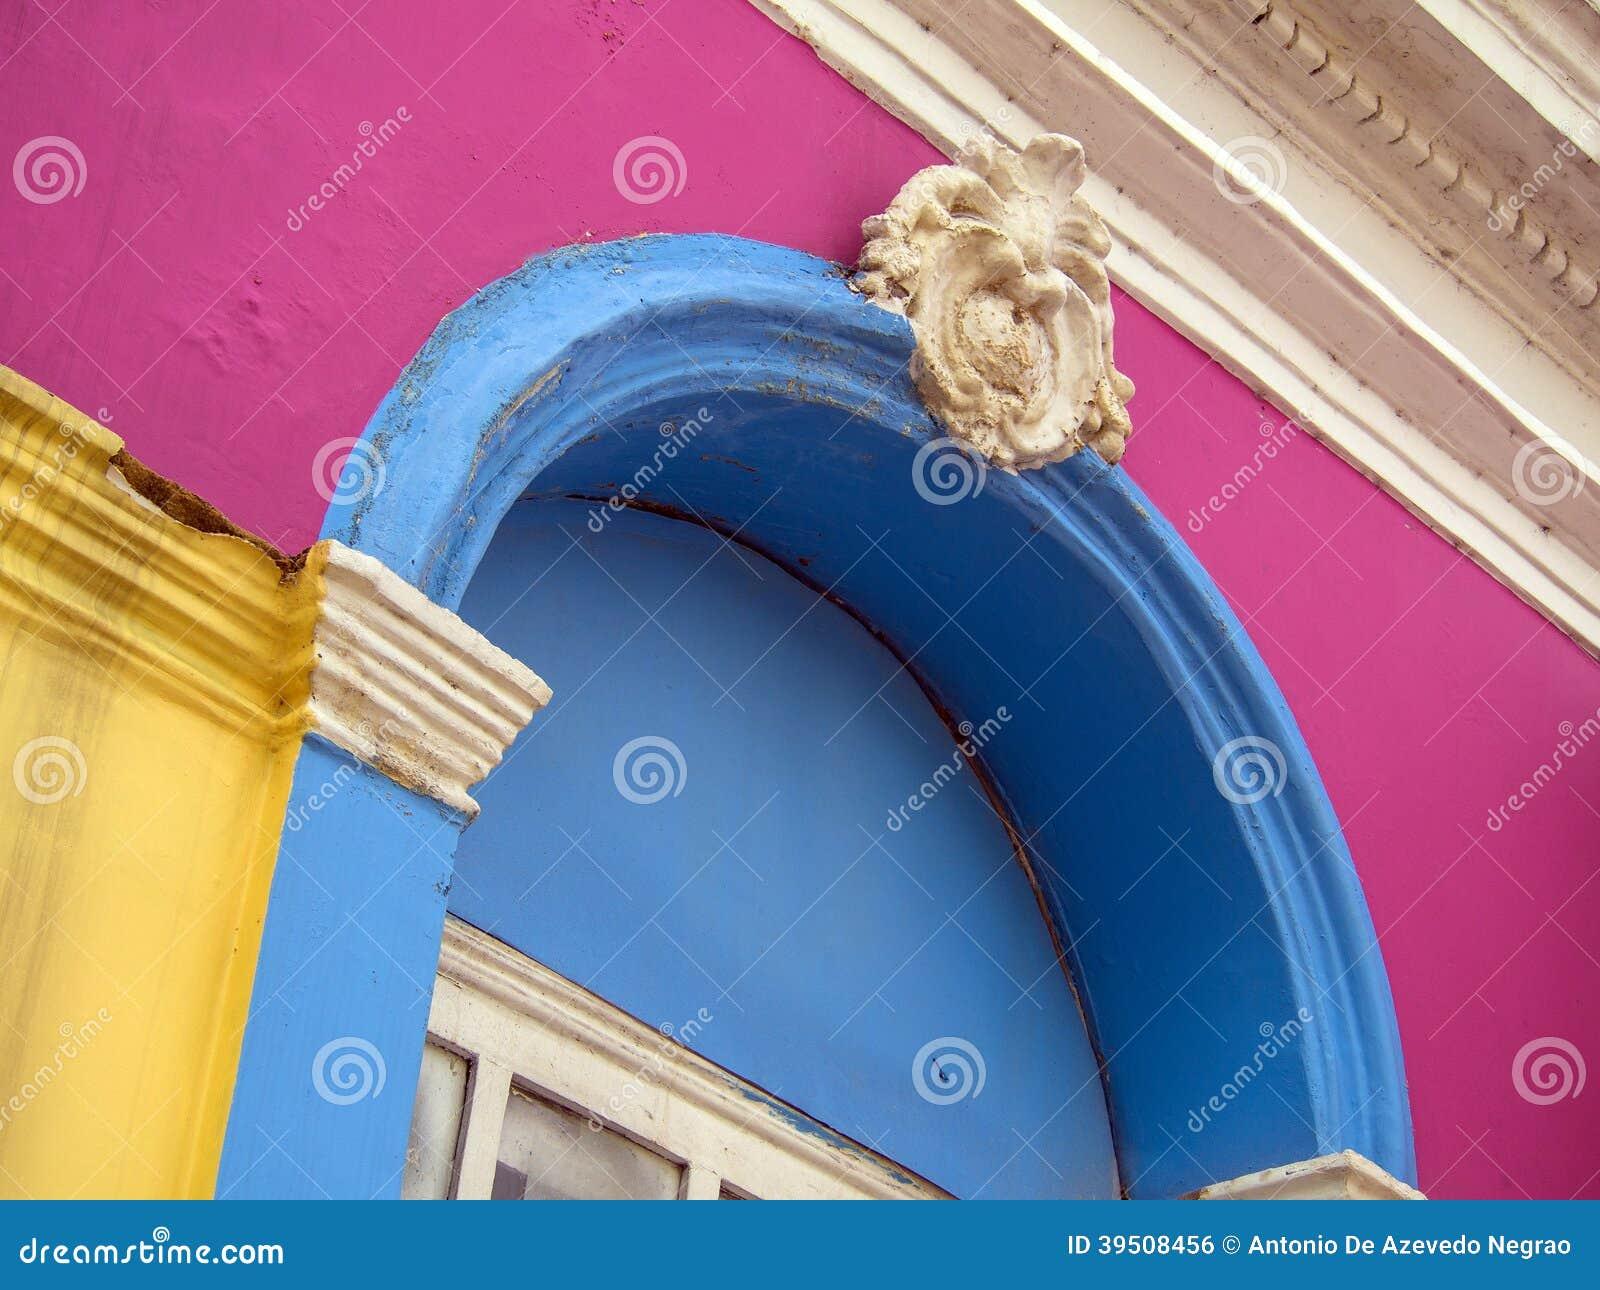 Colored house facade